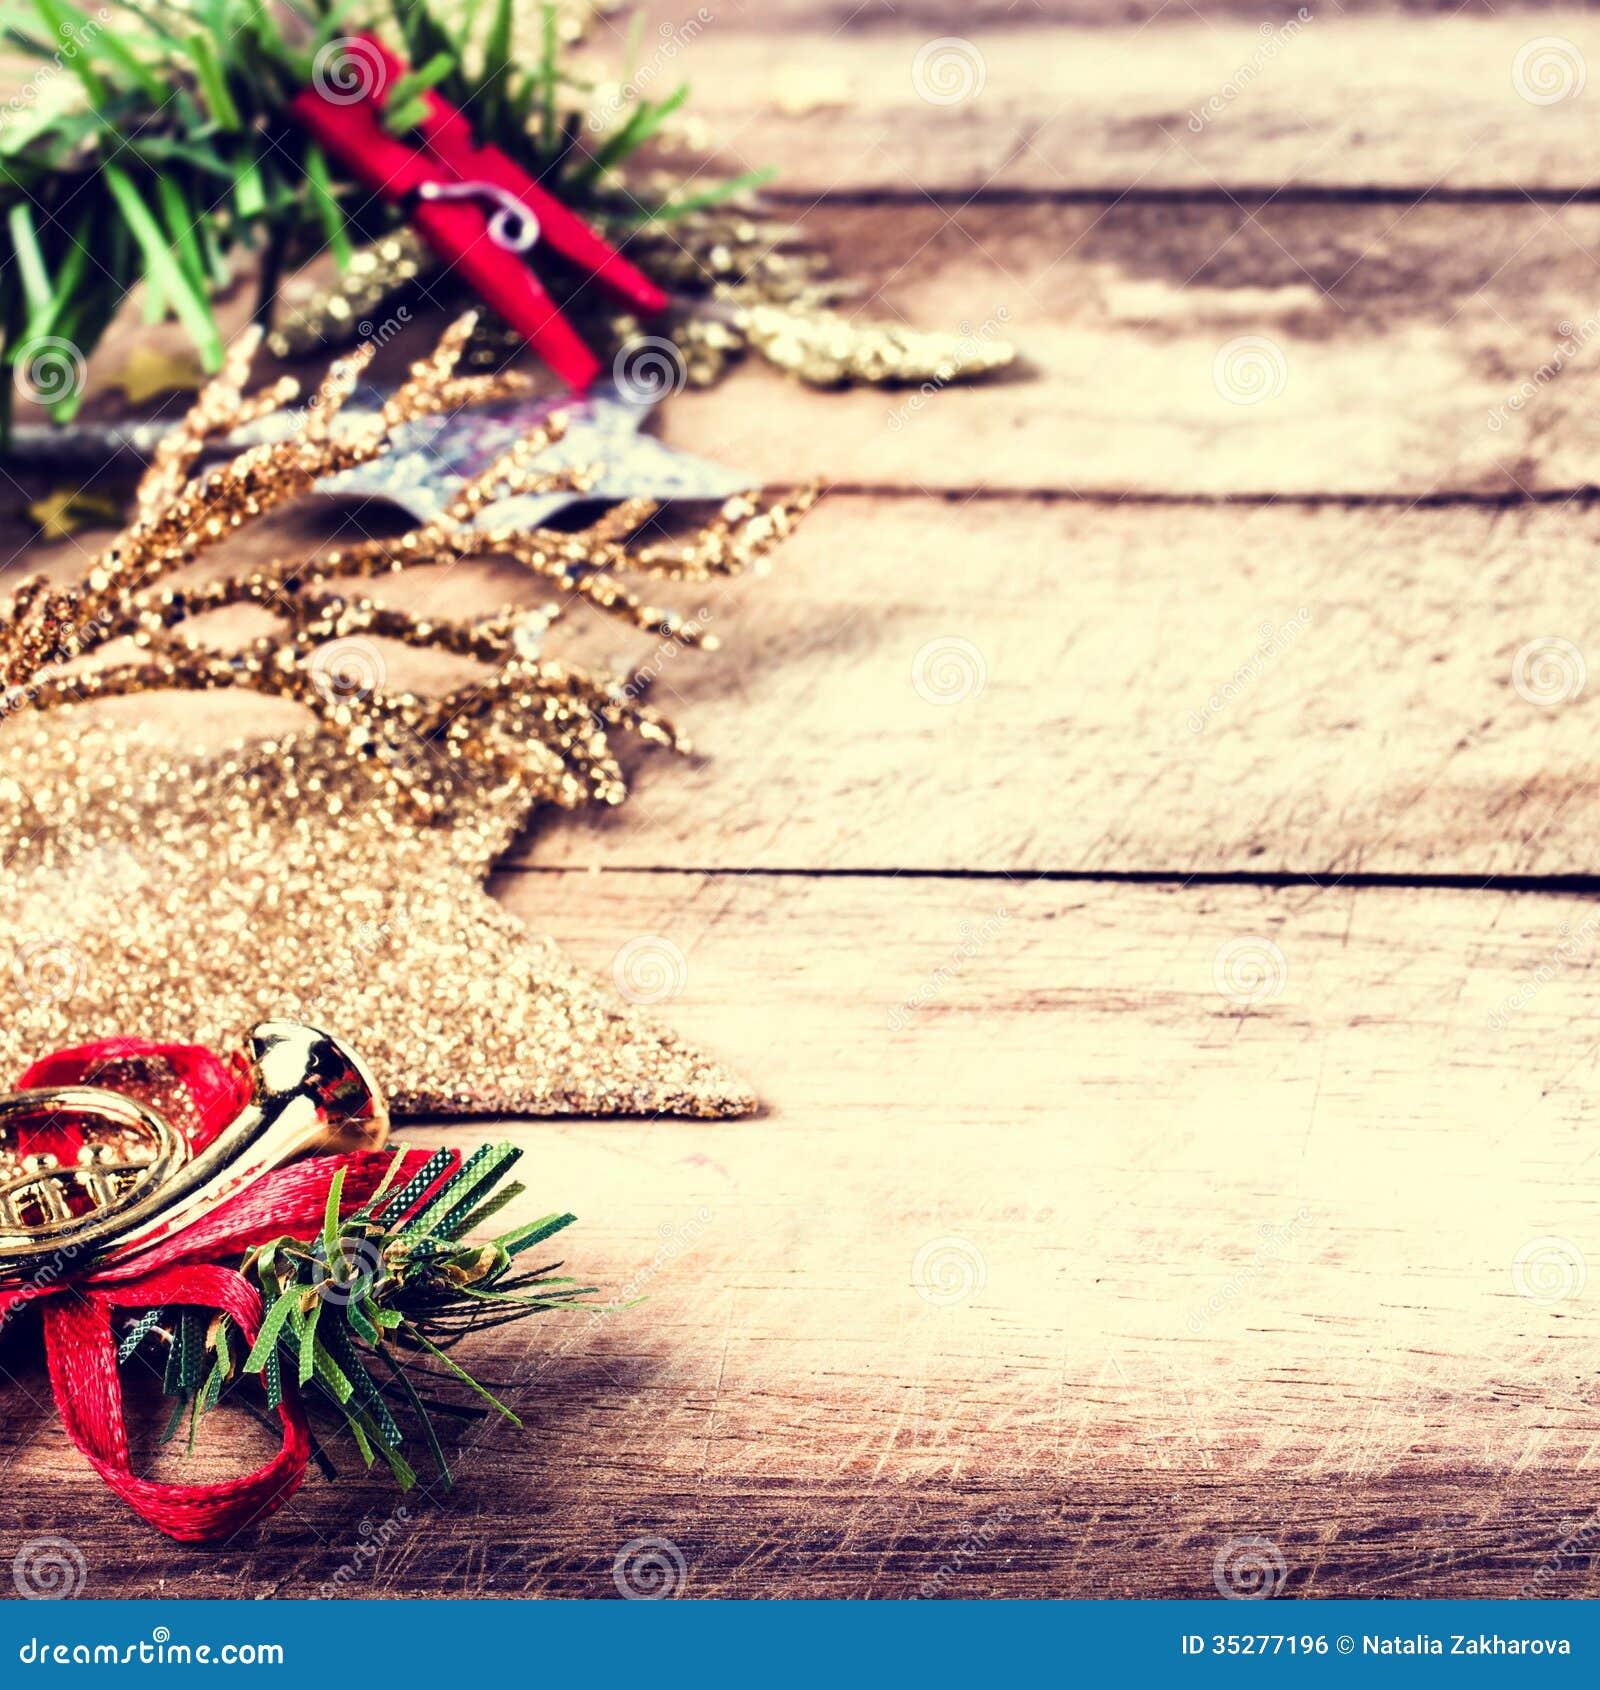 #C00B33 Vintage Christmas Decoration On Natural Wooden Textured  5535 décorations de noel vintage 1300x1390 px @ aertt.com